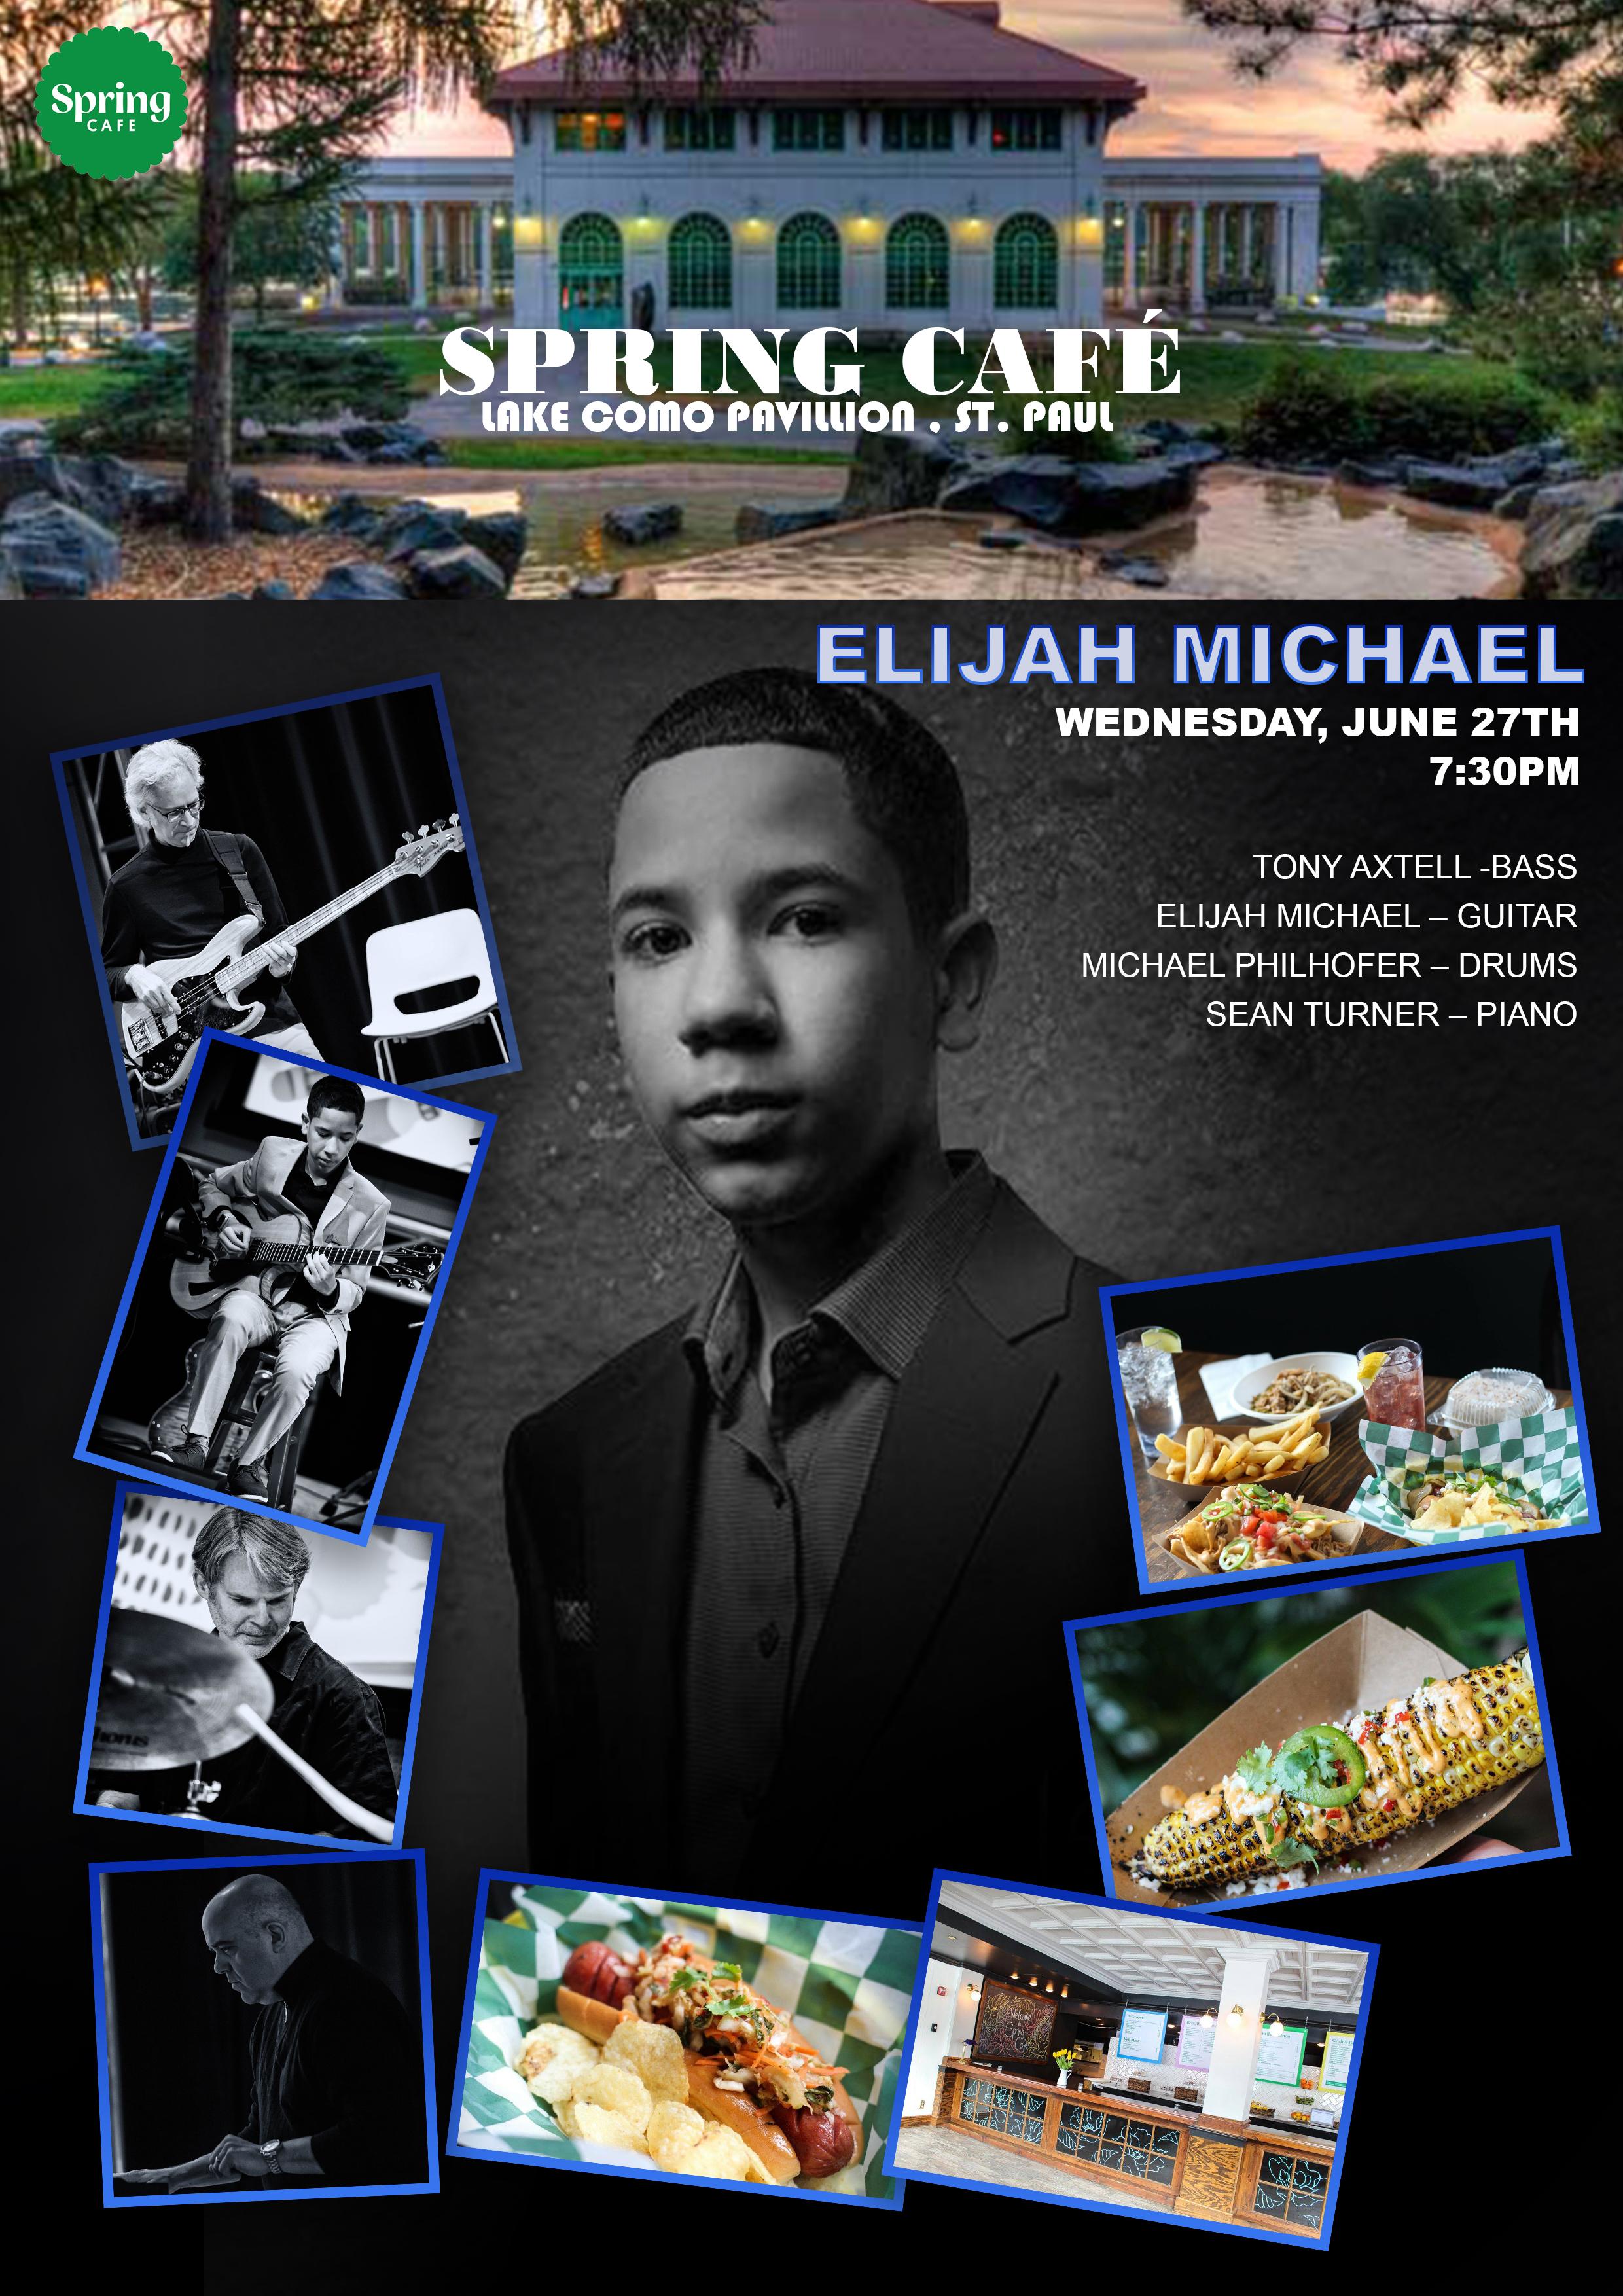 Spring Cafe flyer.jpg